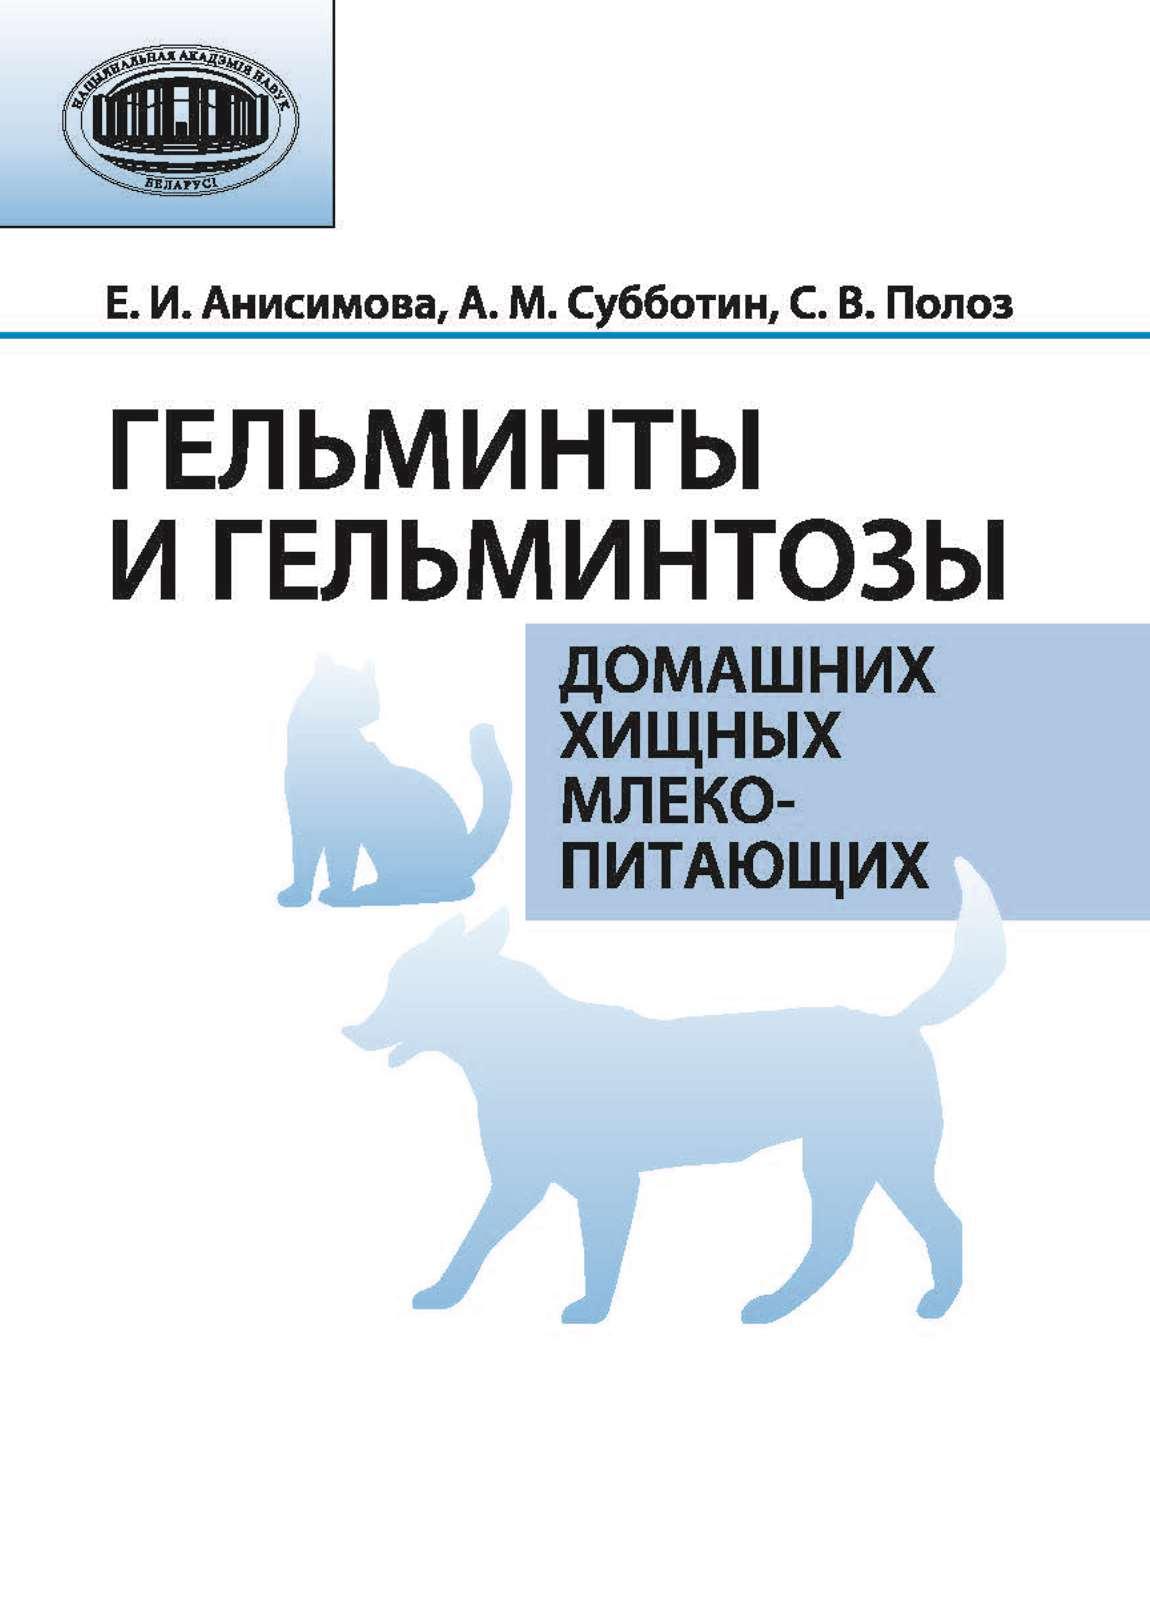 Е. И. Анисимова Гельминты и гельминтозы домашних хищных млекопитающих